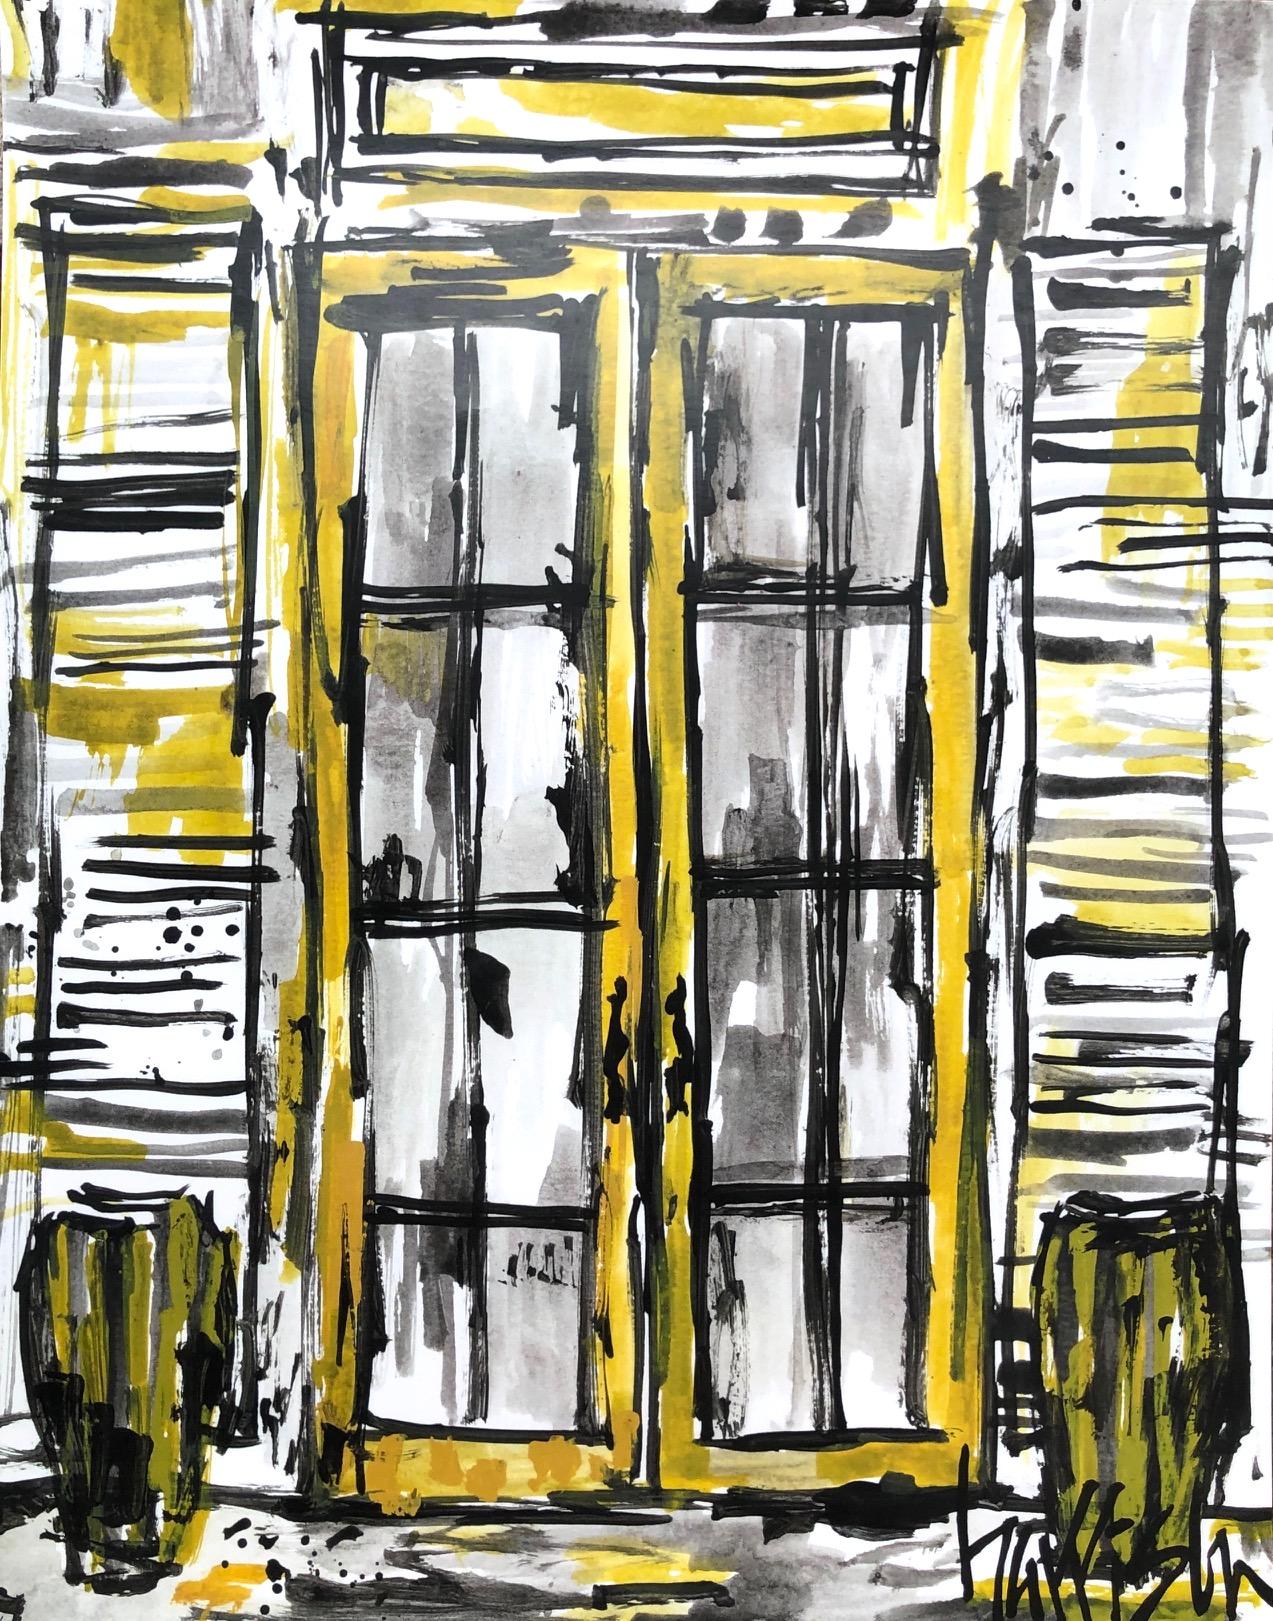 UPTOWN DOOR PRINT 1